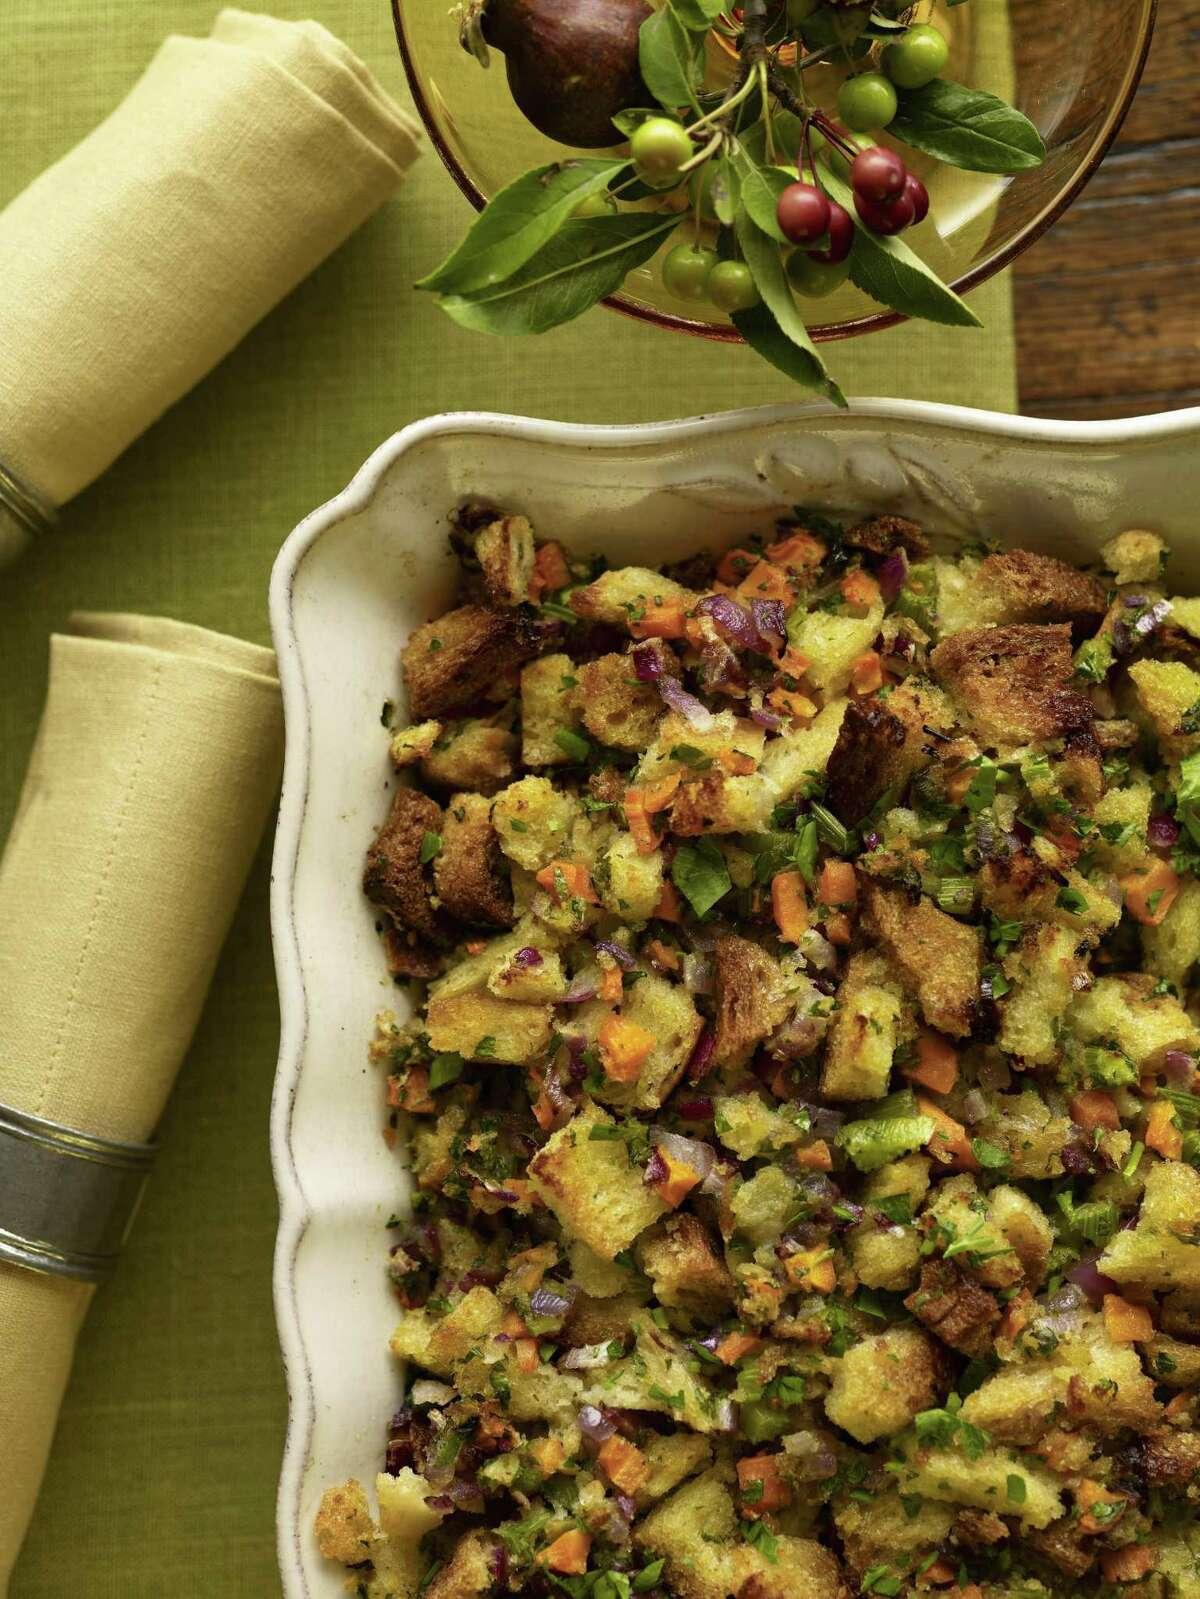 Overhead shot of vegetable-herb stuffing in porcelain dish on green linen table runner